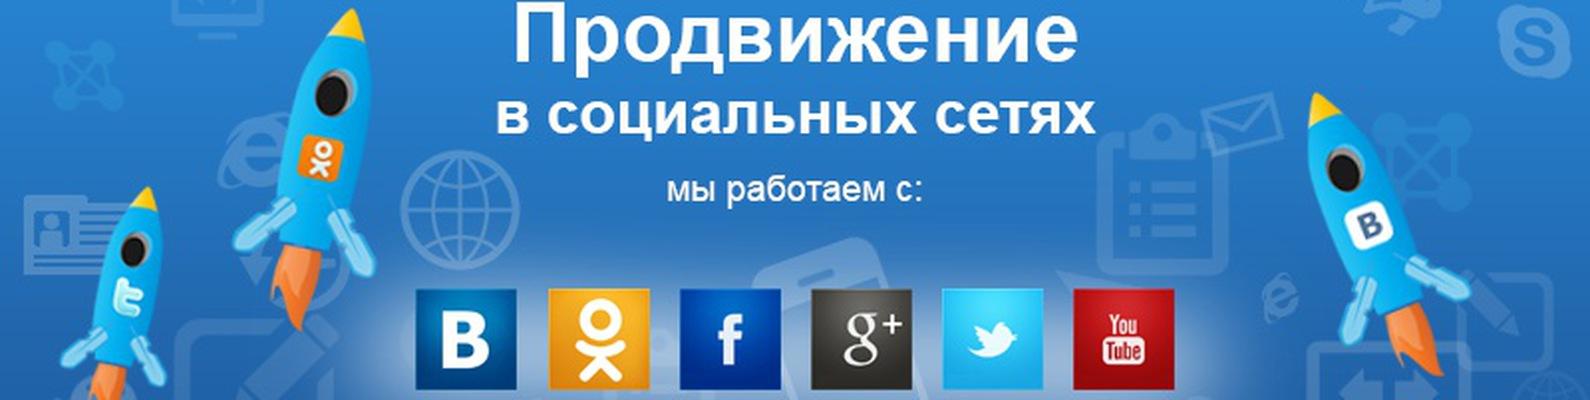 Продвижение сайтов только через соц сети бухтарминская цементная компания сайт